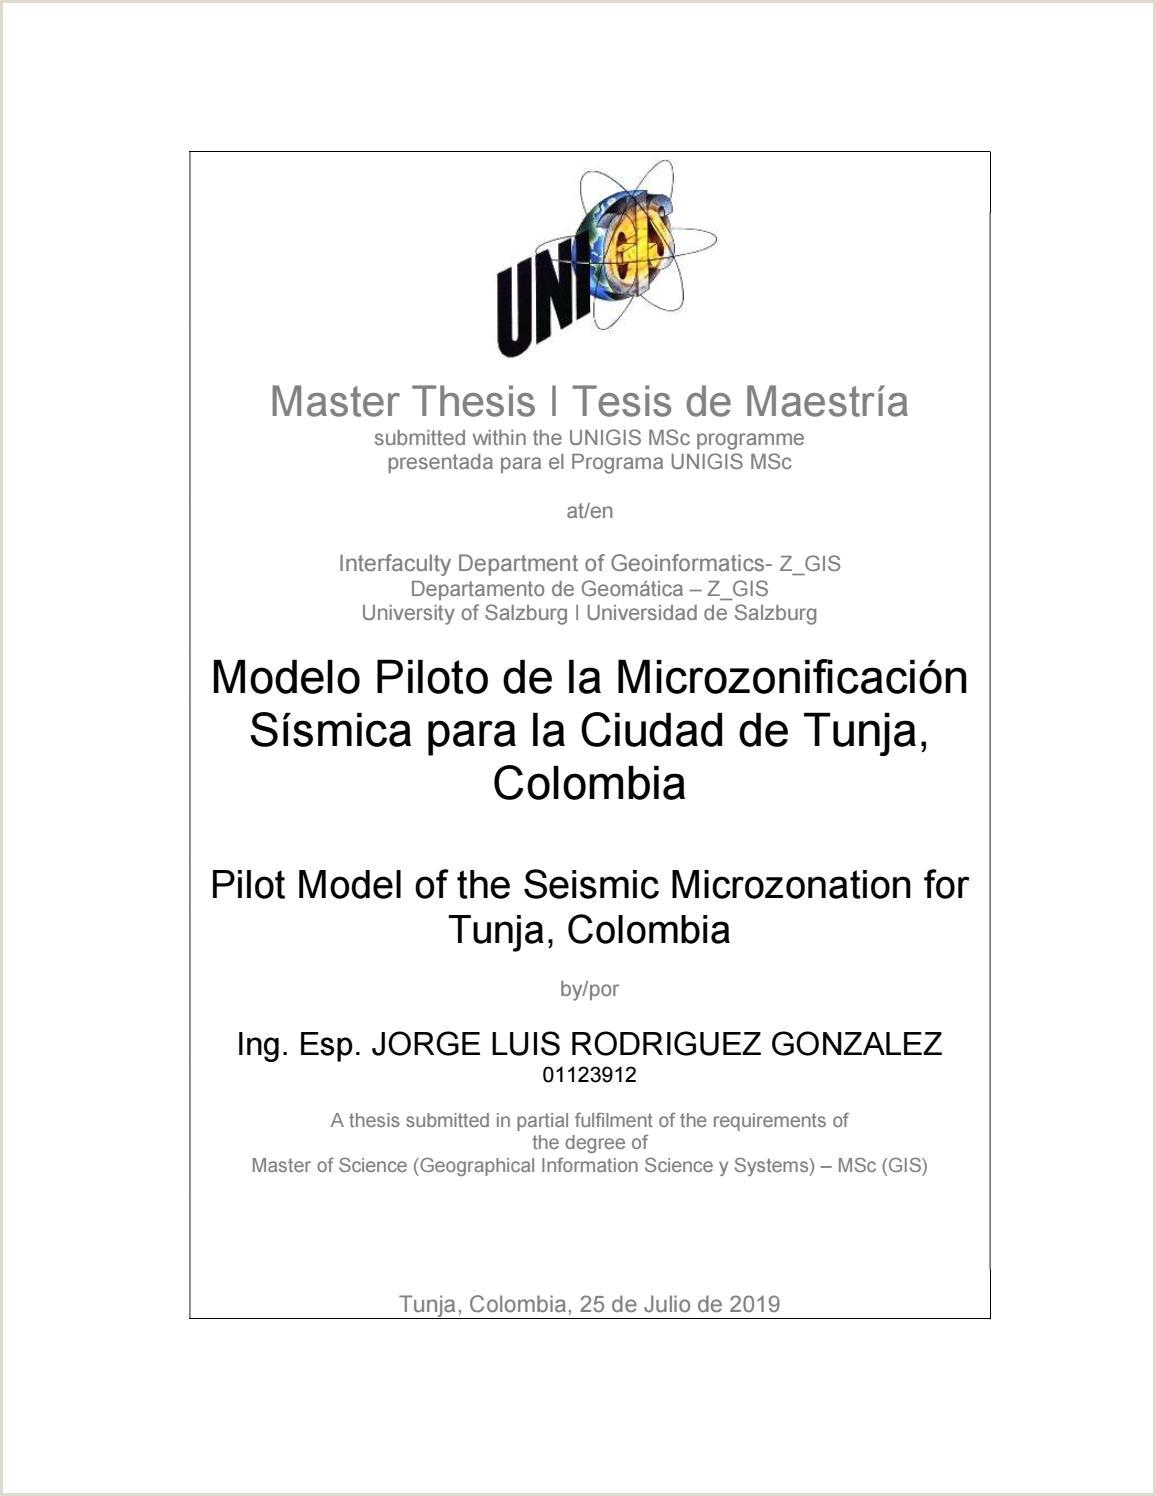 Bajar Hoja De Vida formato Unico Modelo Piloto De La Microzonificaci³n Ssmica Para La Ciudad